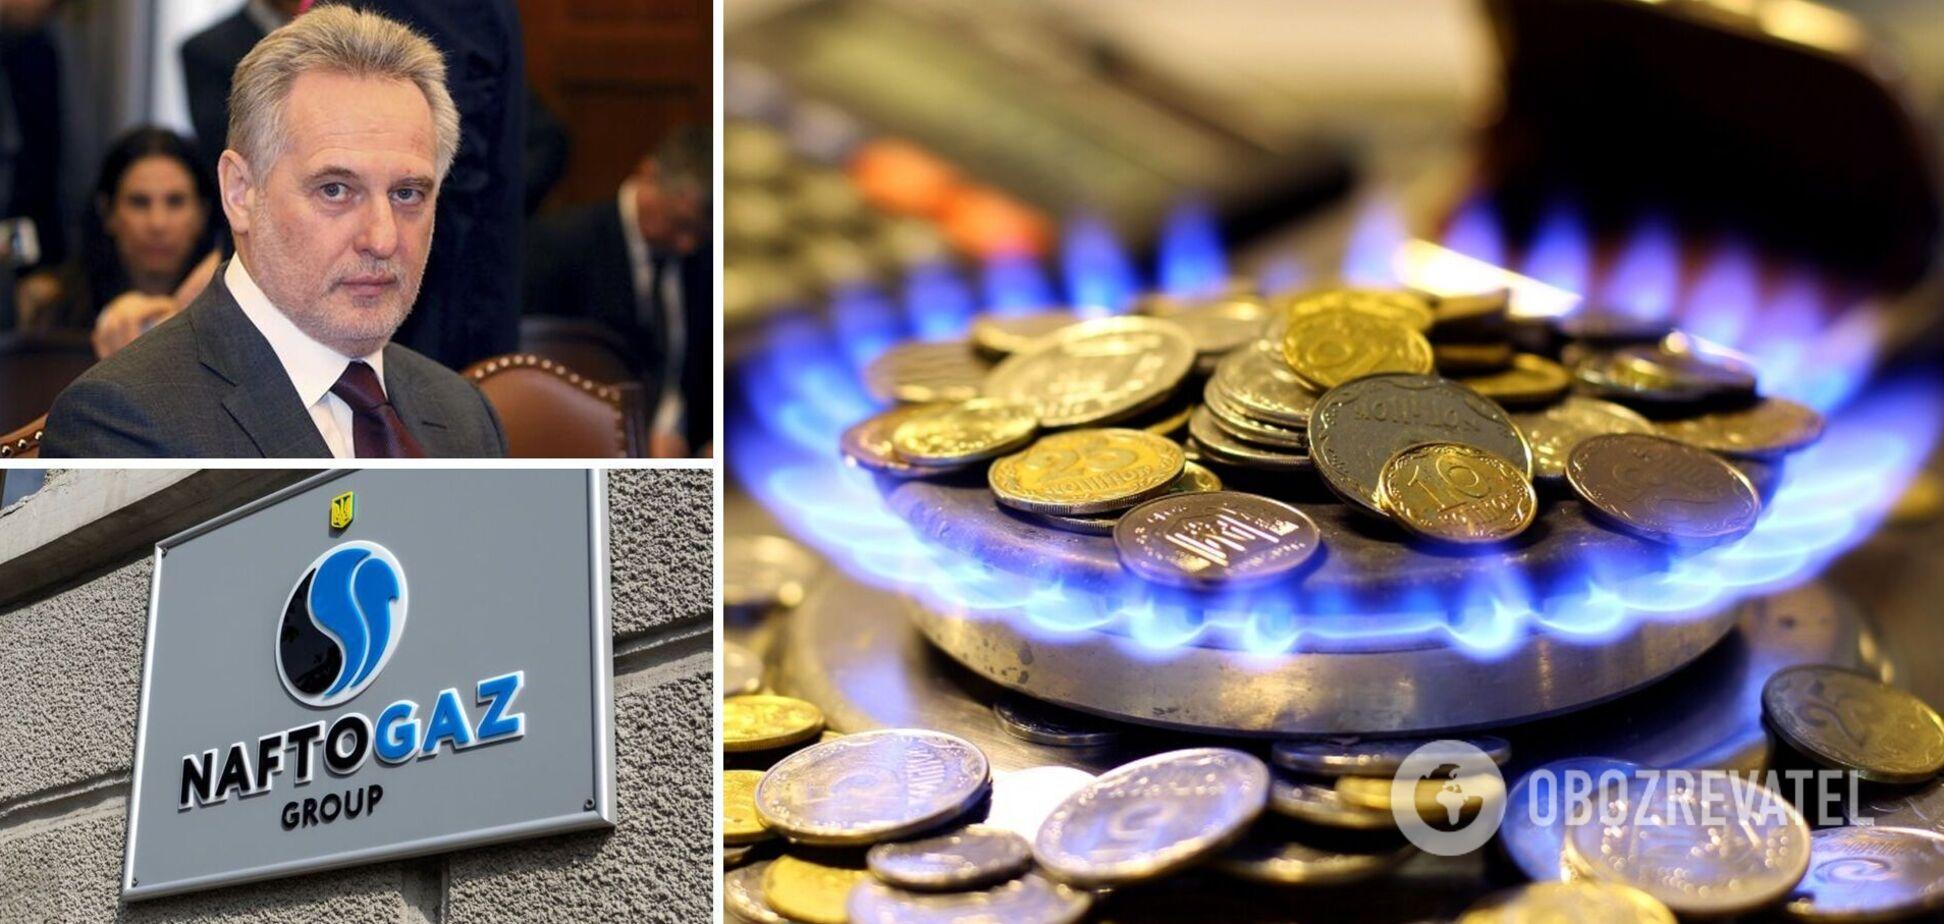 Украинцы переплачивают за газ компаниям Фирташа, которые задолжали 'Нафтогазу' миллиарды: куда уходят деньги